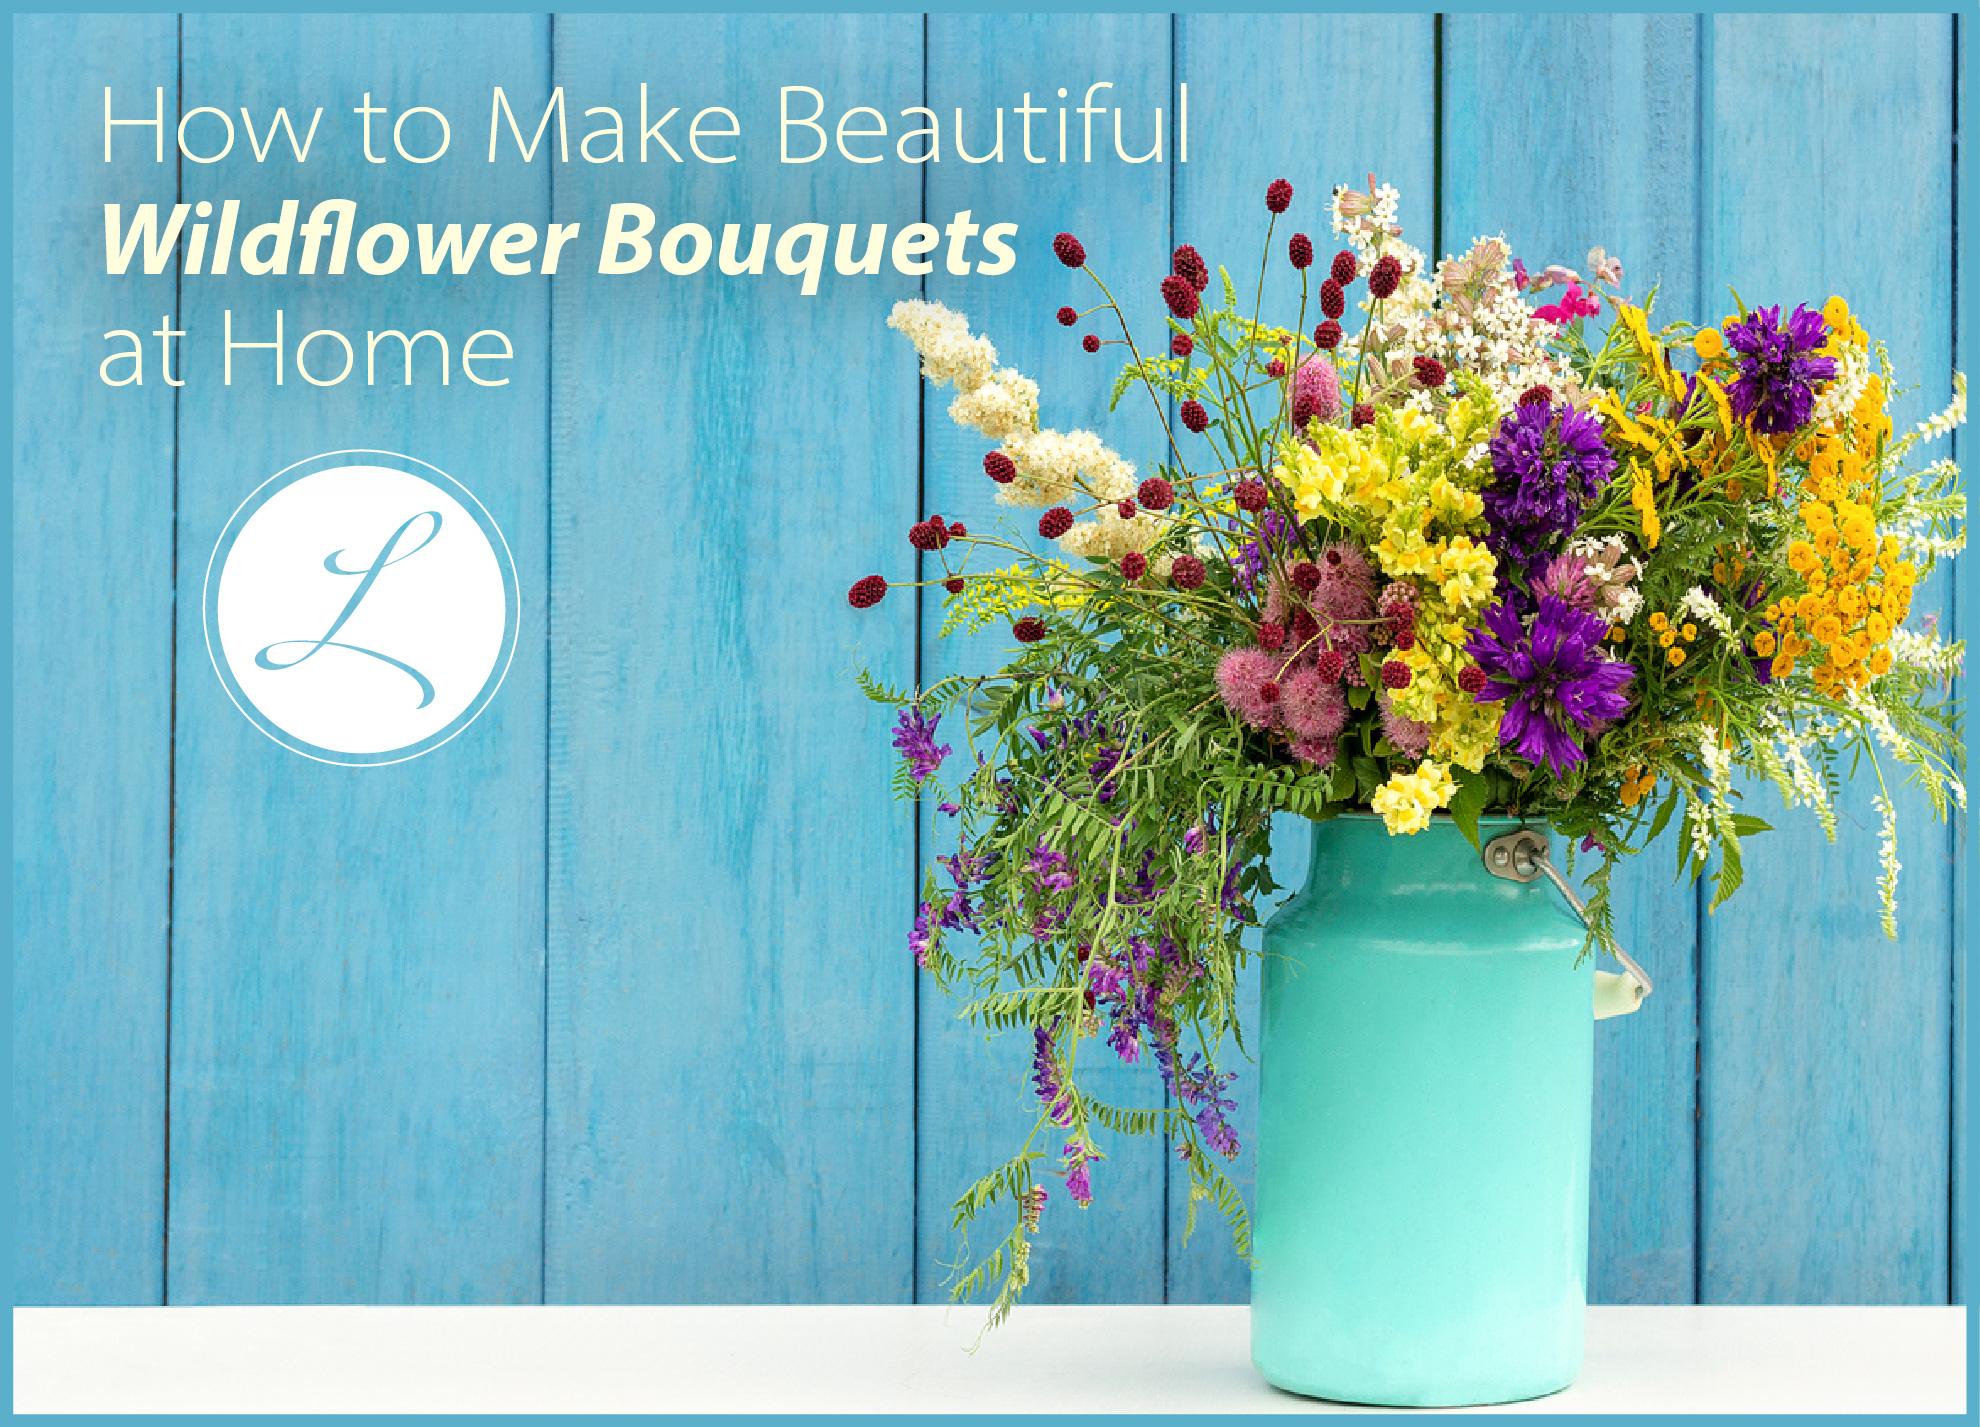 wildflower-bouquet-header.jpg